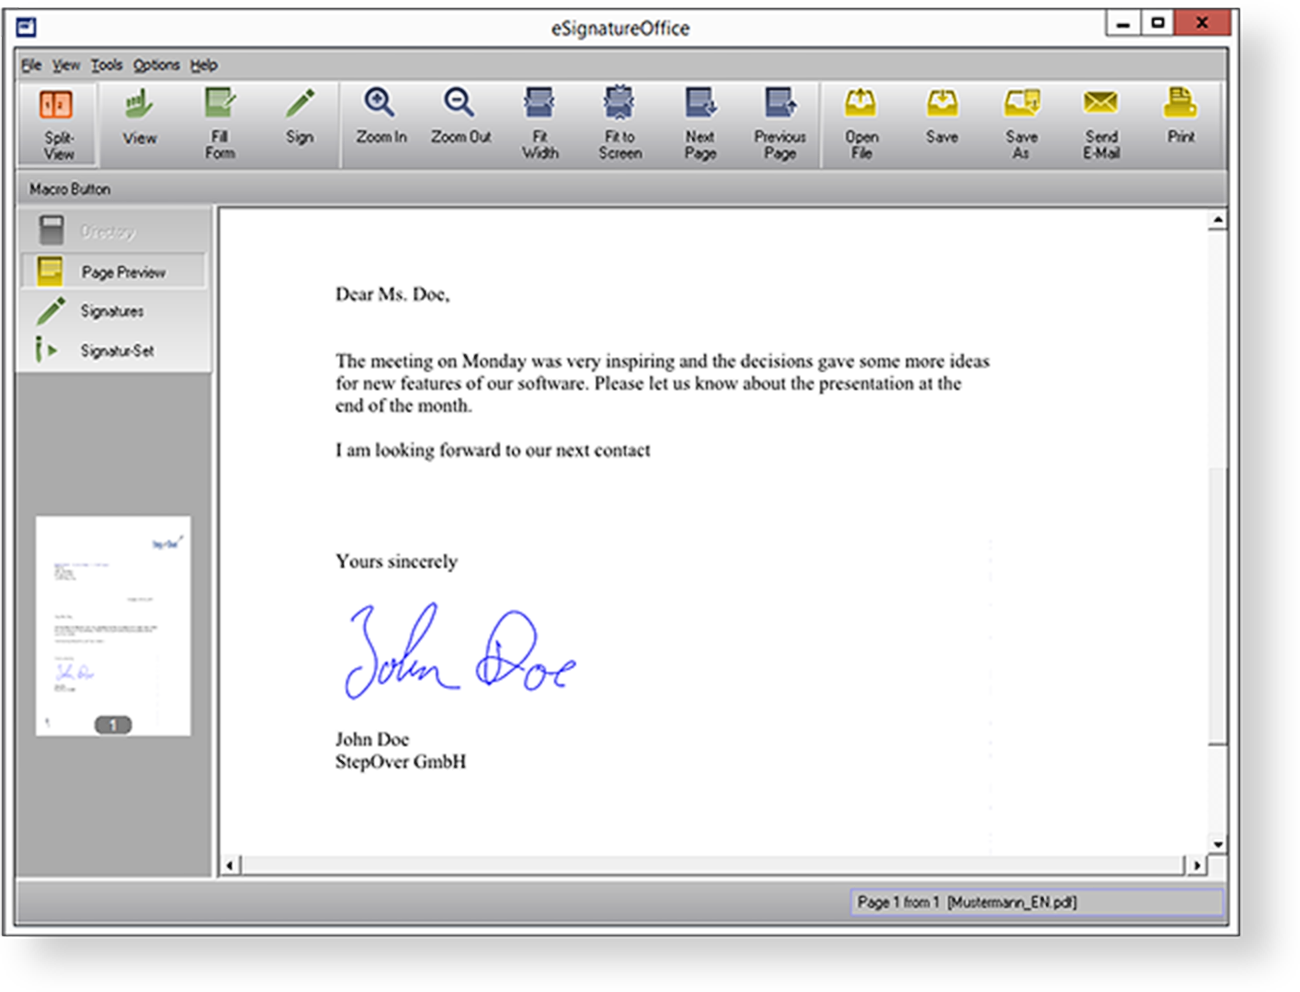 eSignatureOffice-Signature-solutions-Signature-software-eSignatureOffice-1